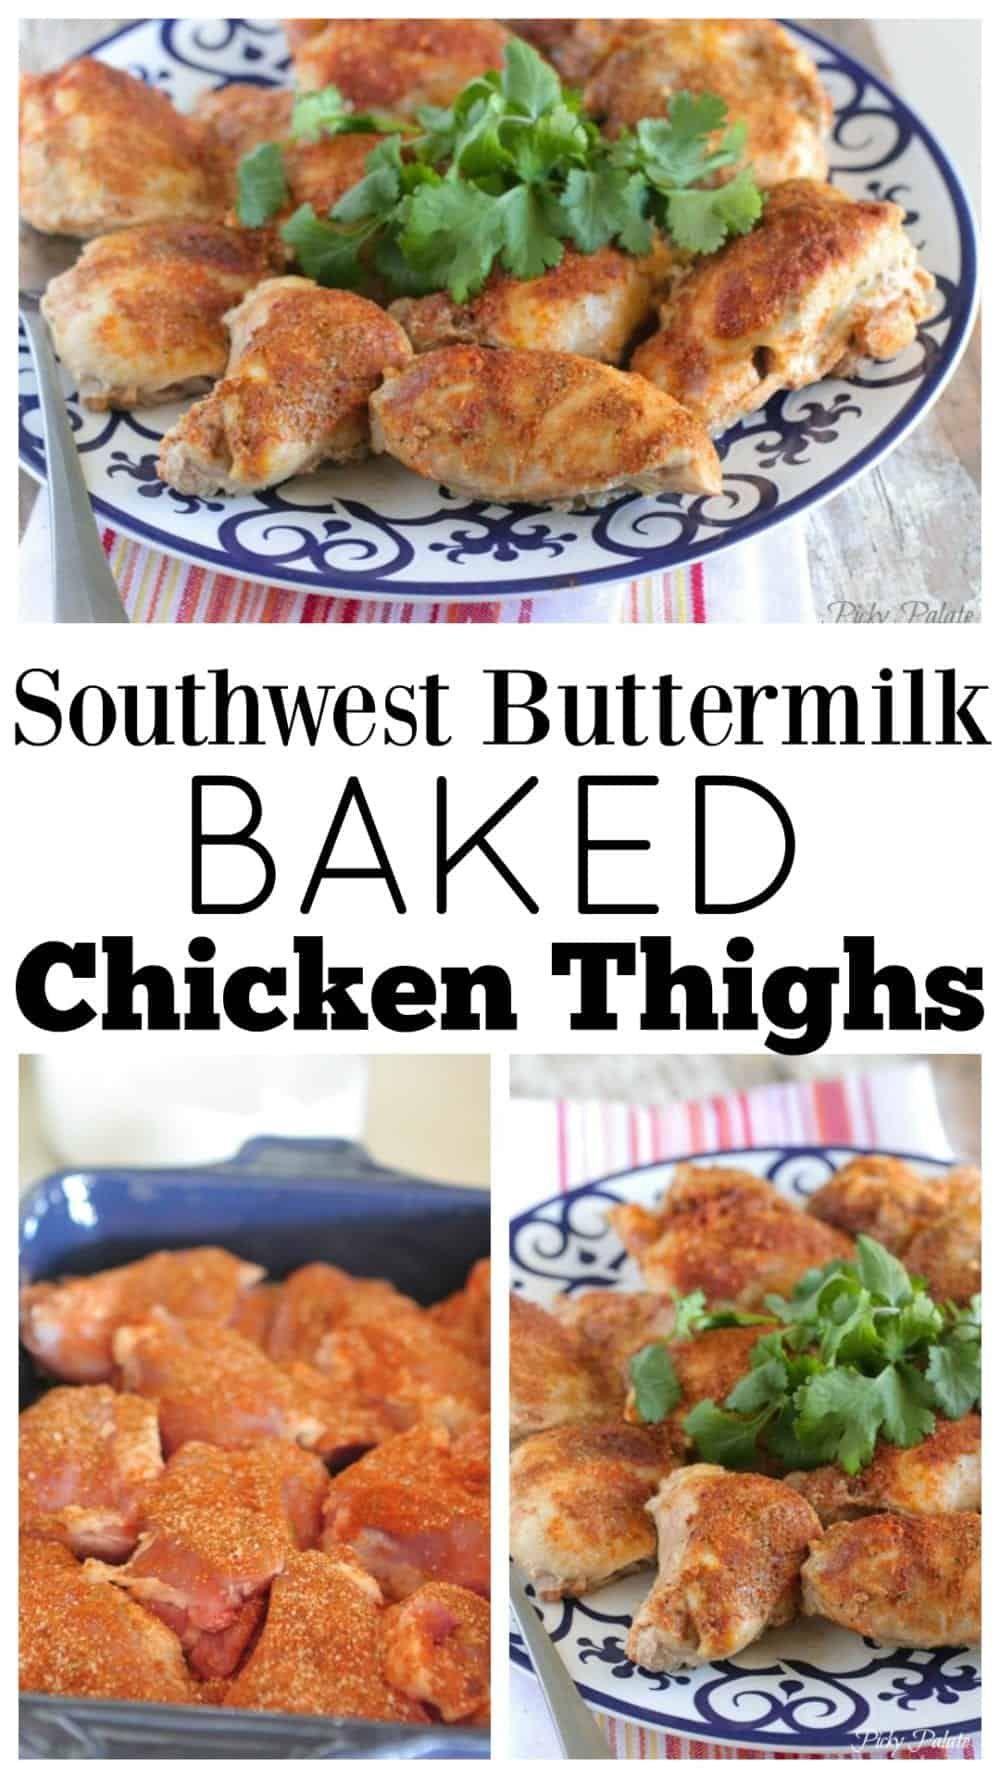 Southwest Buttermilk Baked Chicken Thighs Best Chicken Thigh Recipe In 2020 Baked Chicken Thighs Baked Chicken Chicken Thighs